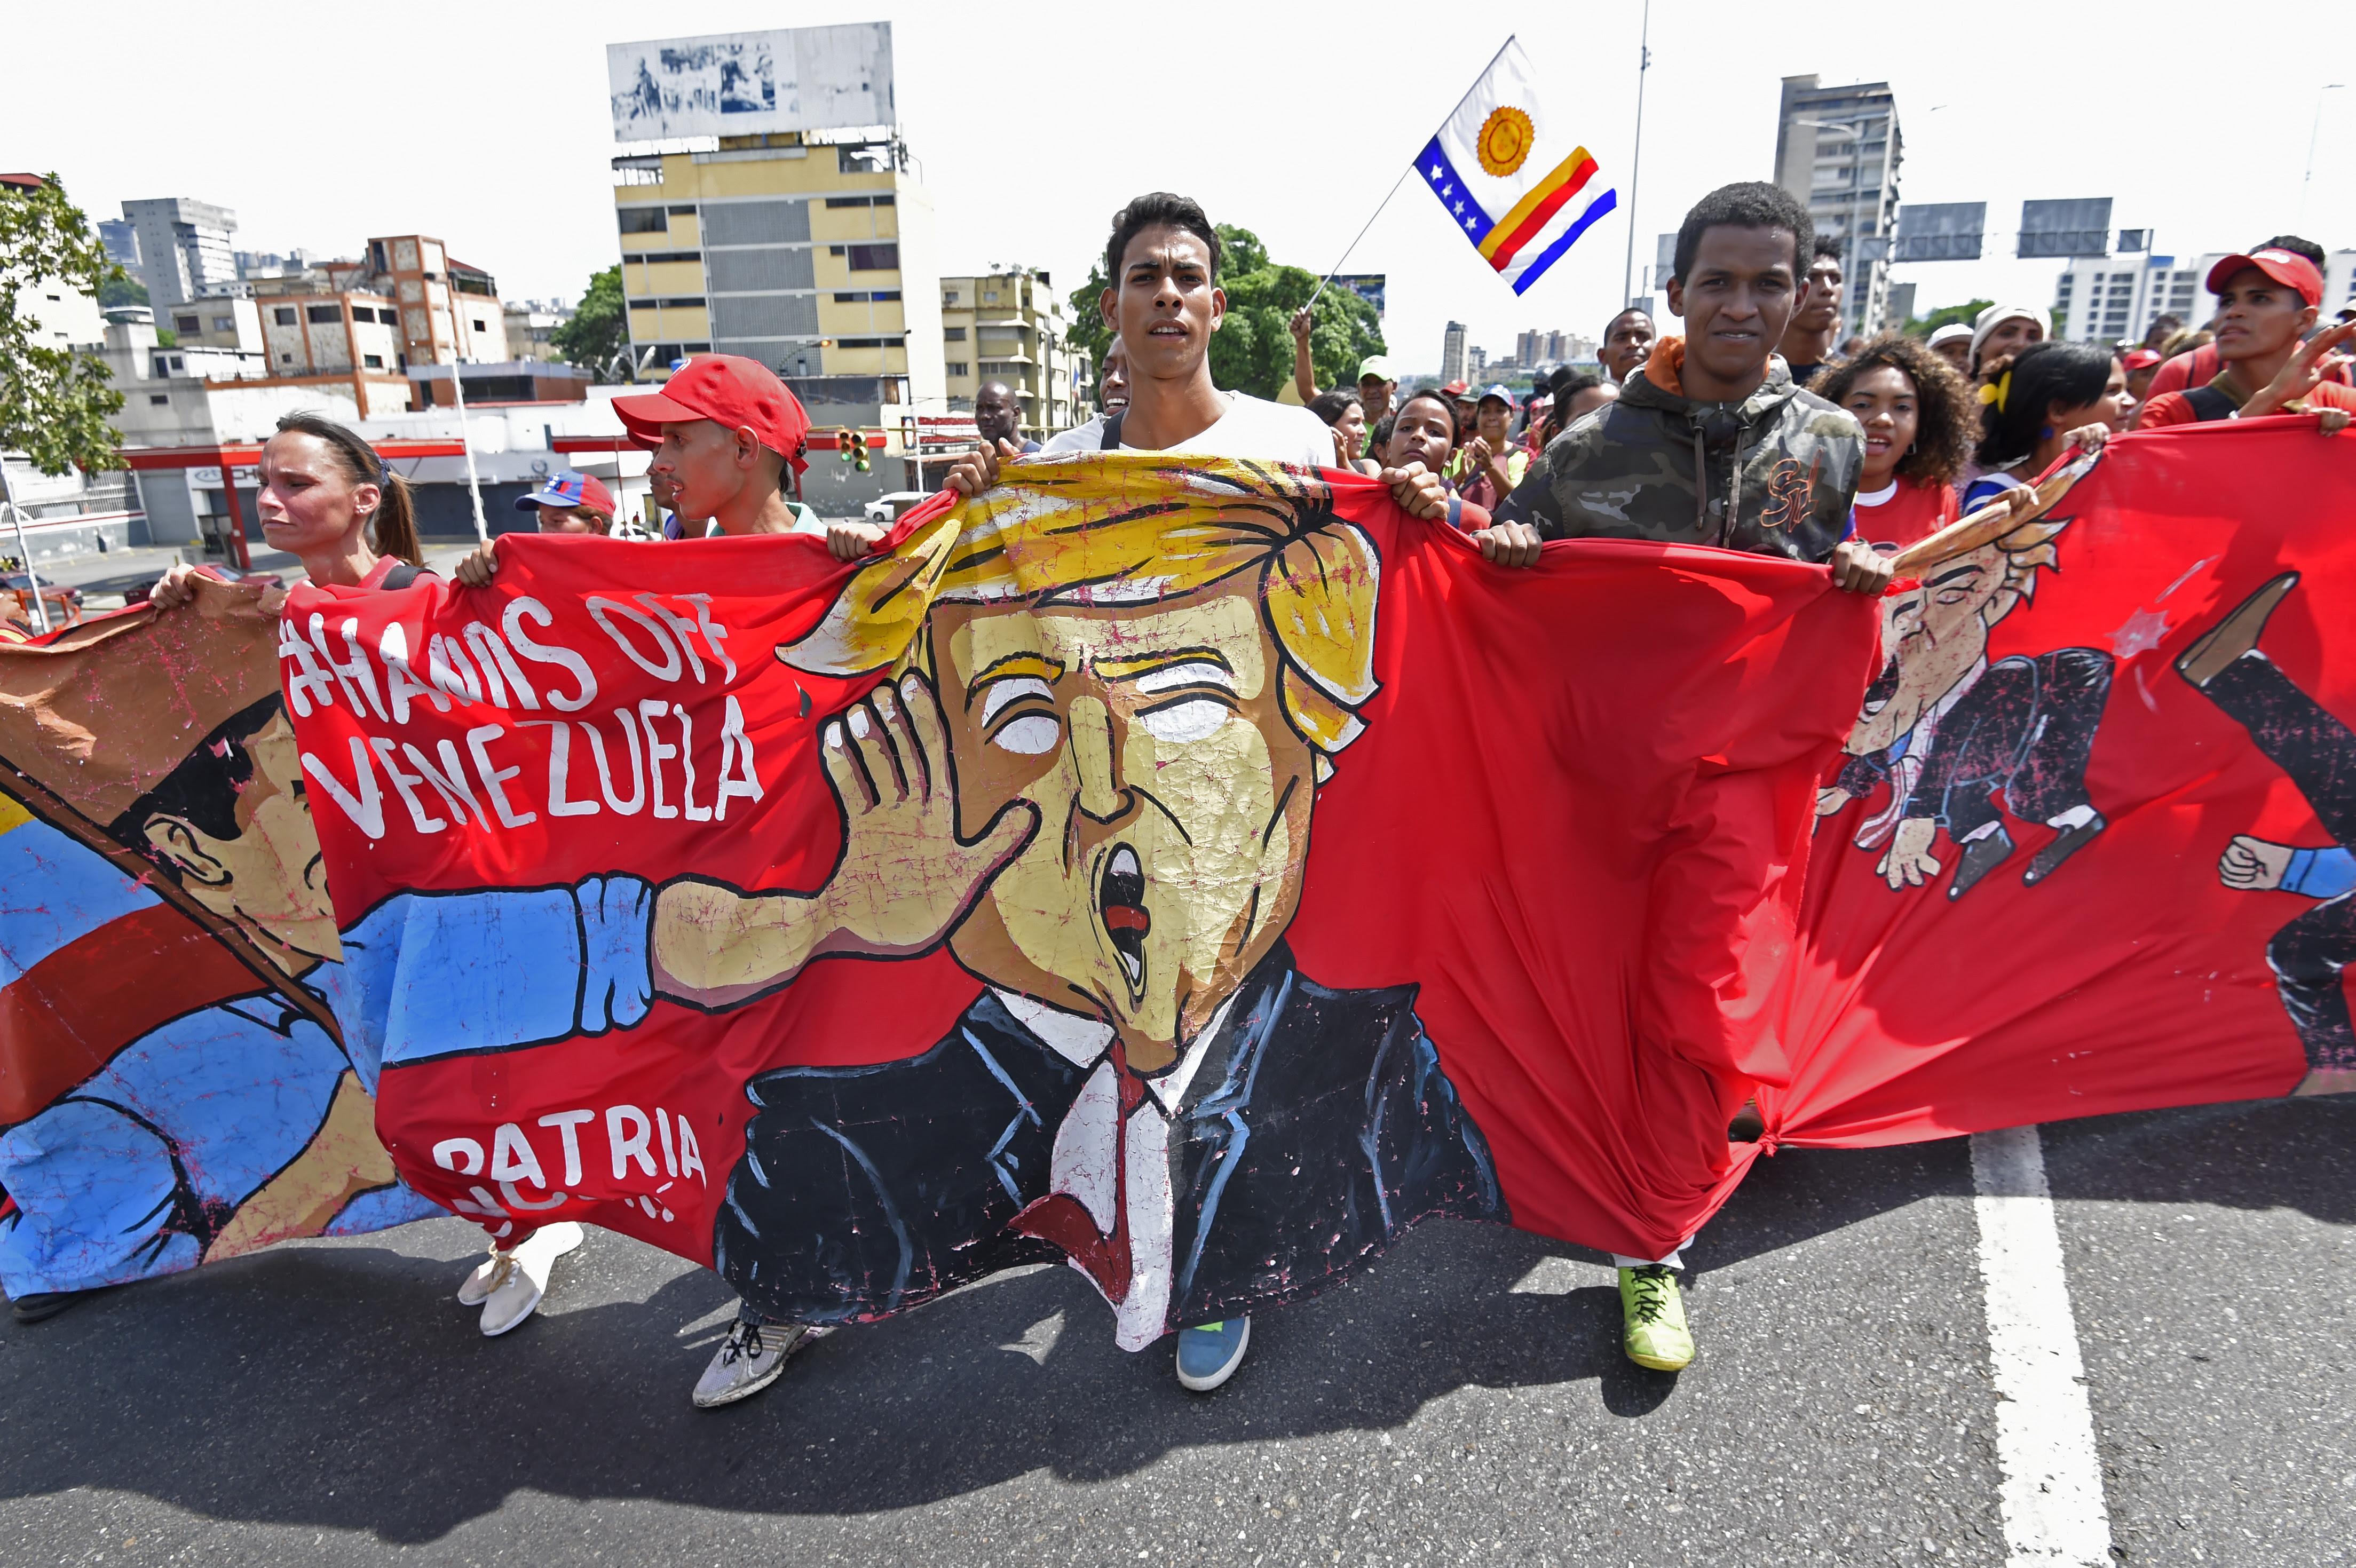 El estudio señala el predominio de guerras híbridas en territorios ricos en petróleo, como Venezuela - Créditos: Juan Barreto/ AFP